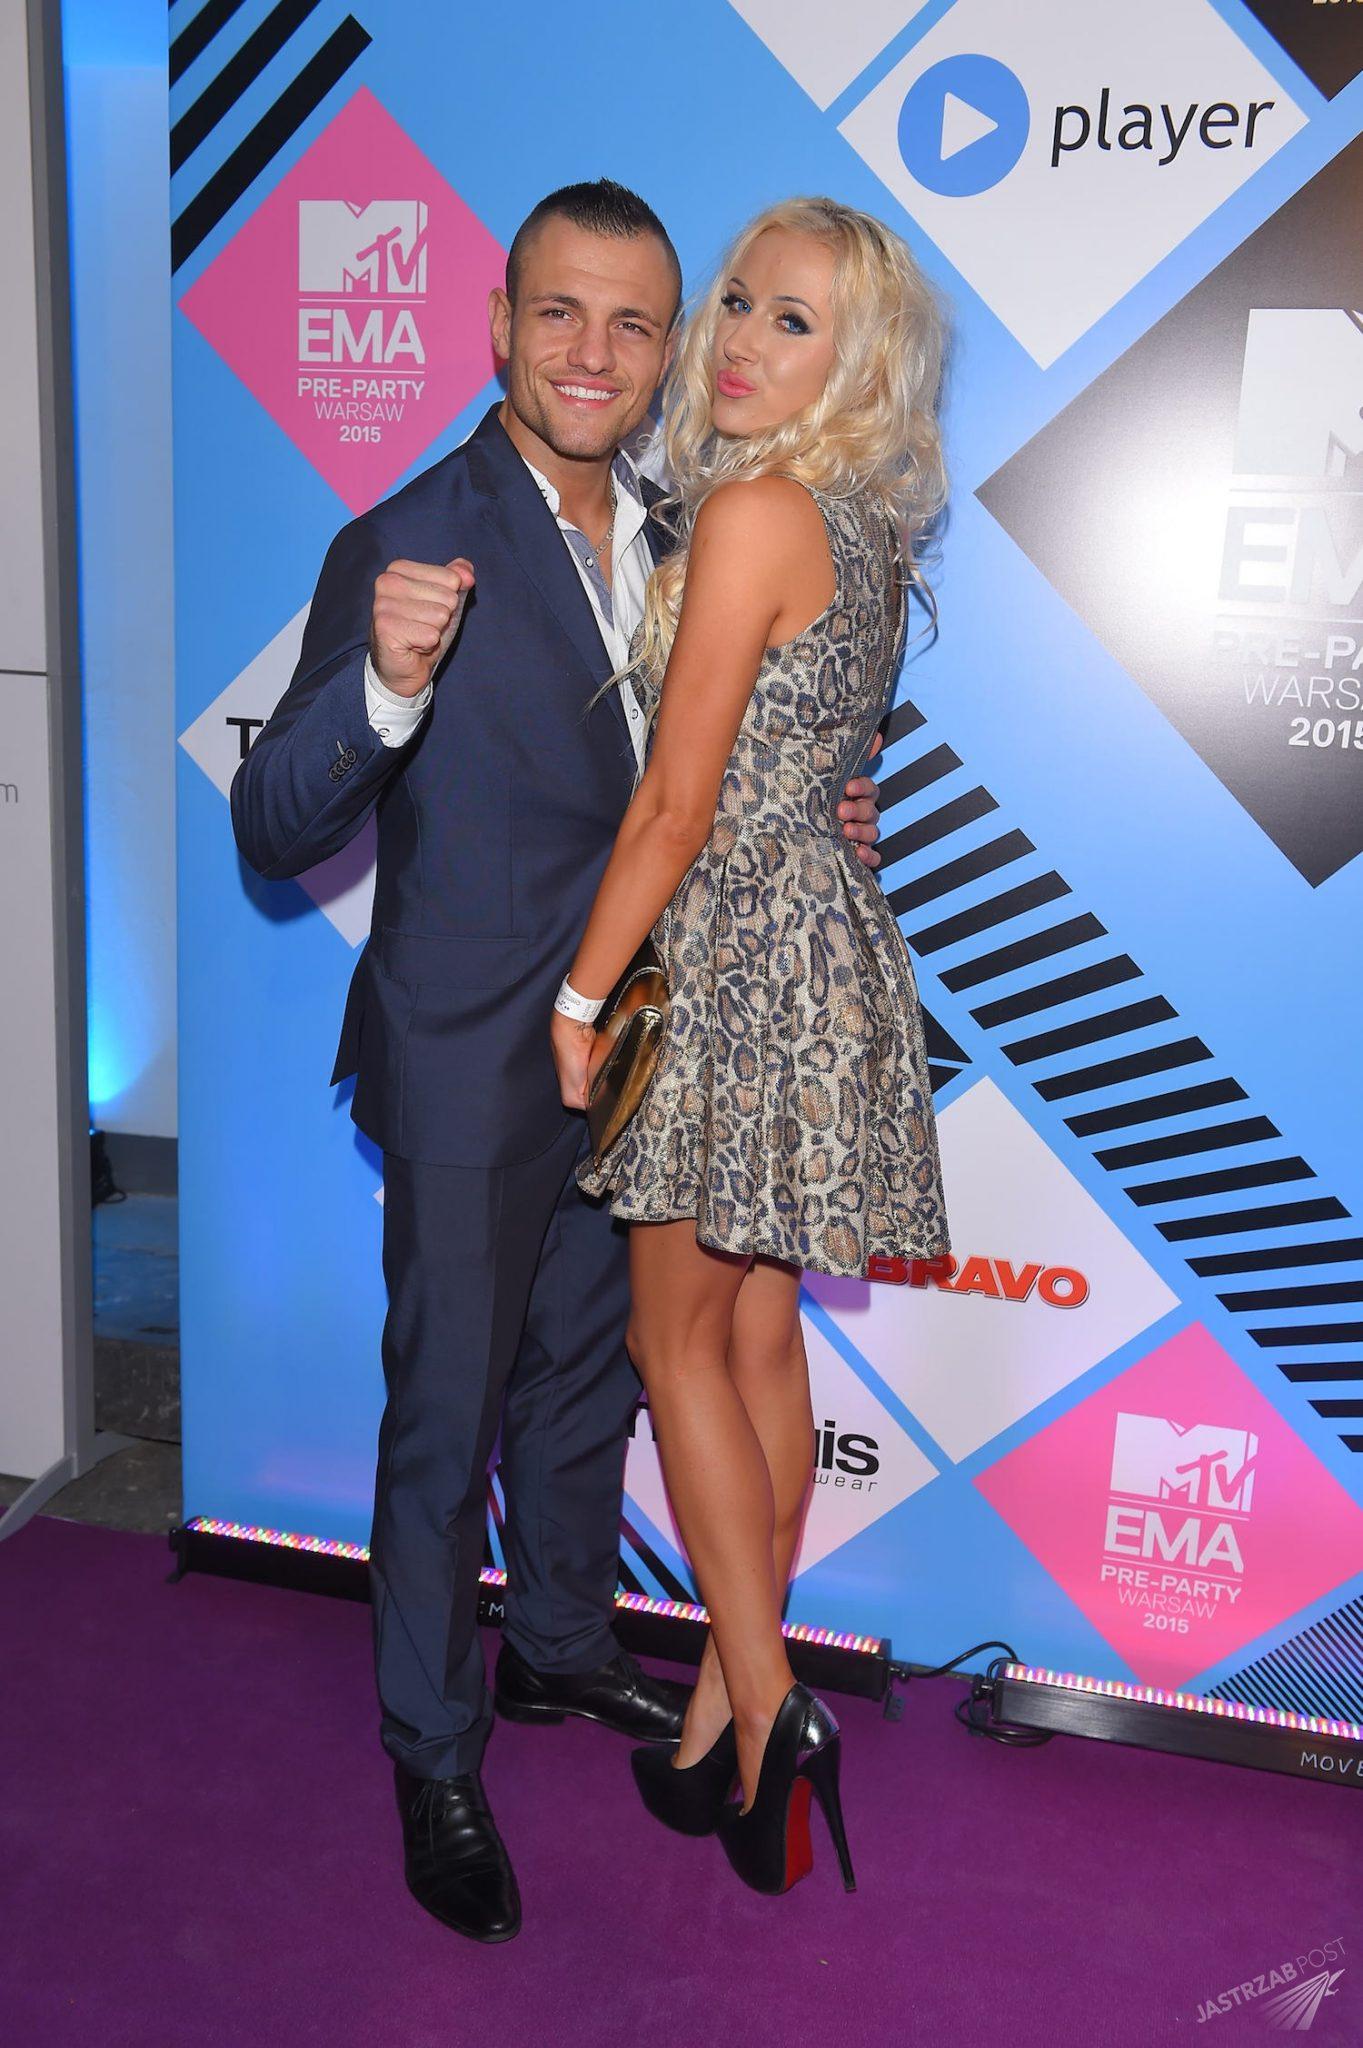 Eliza i Trybson na MTV EMA 2015 Pre-party